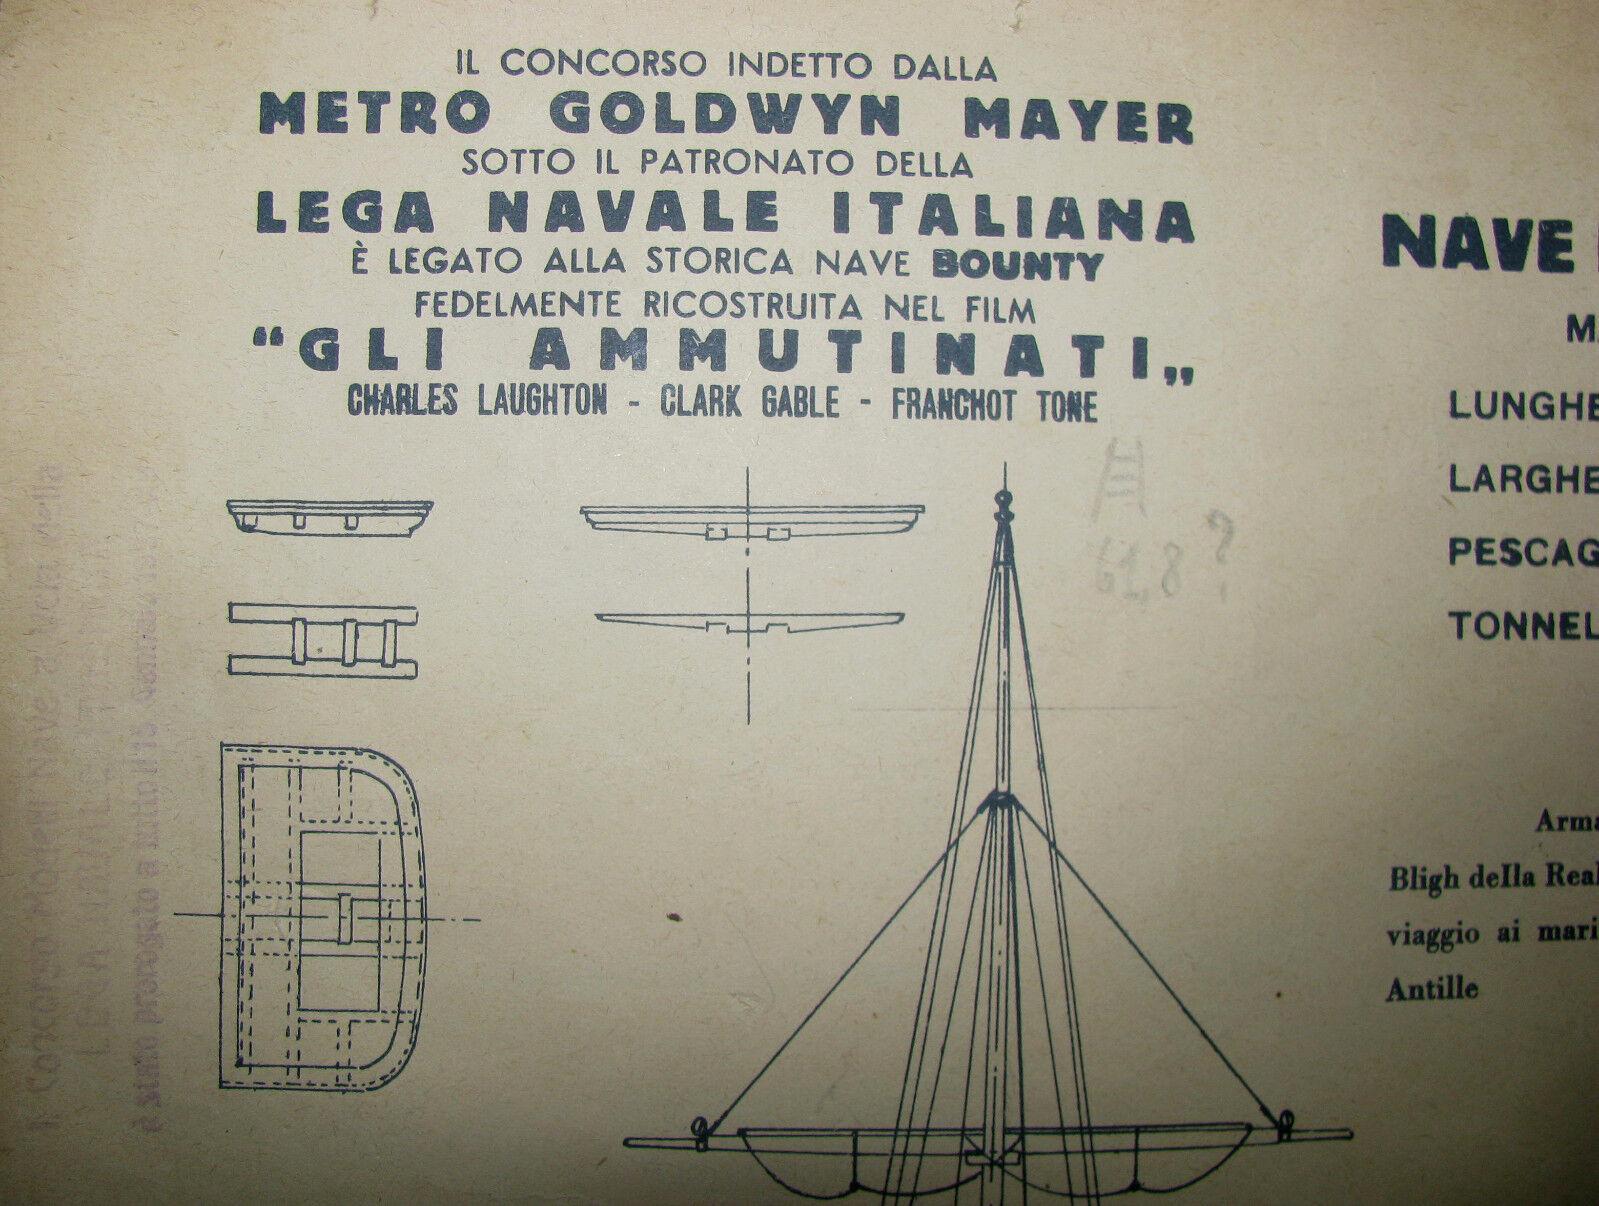 CARTAMODELLO NAVE DA GUERRA A VELA BOUNTY.CONCORSO METRO oroWYN MAYER 1937.